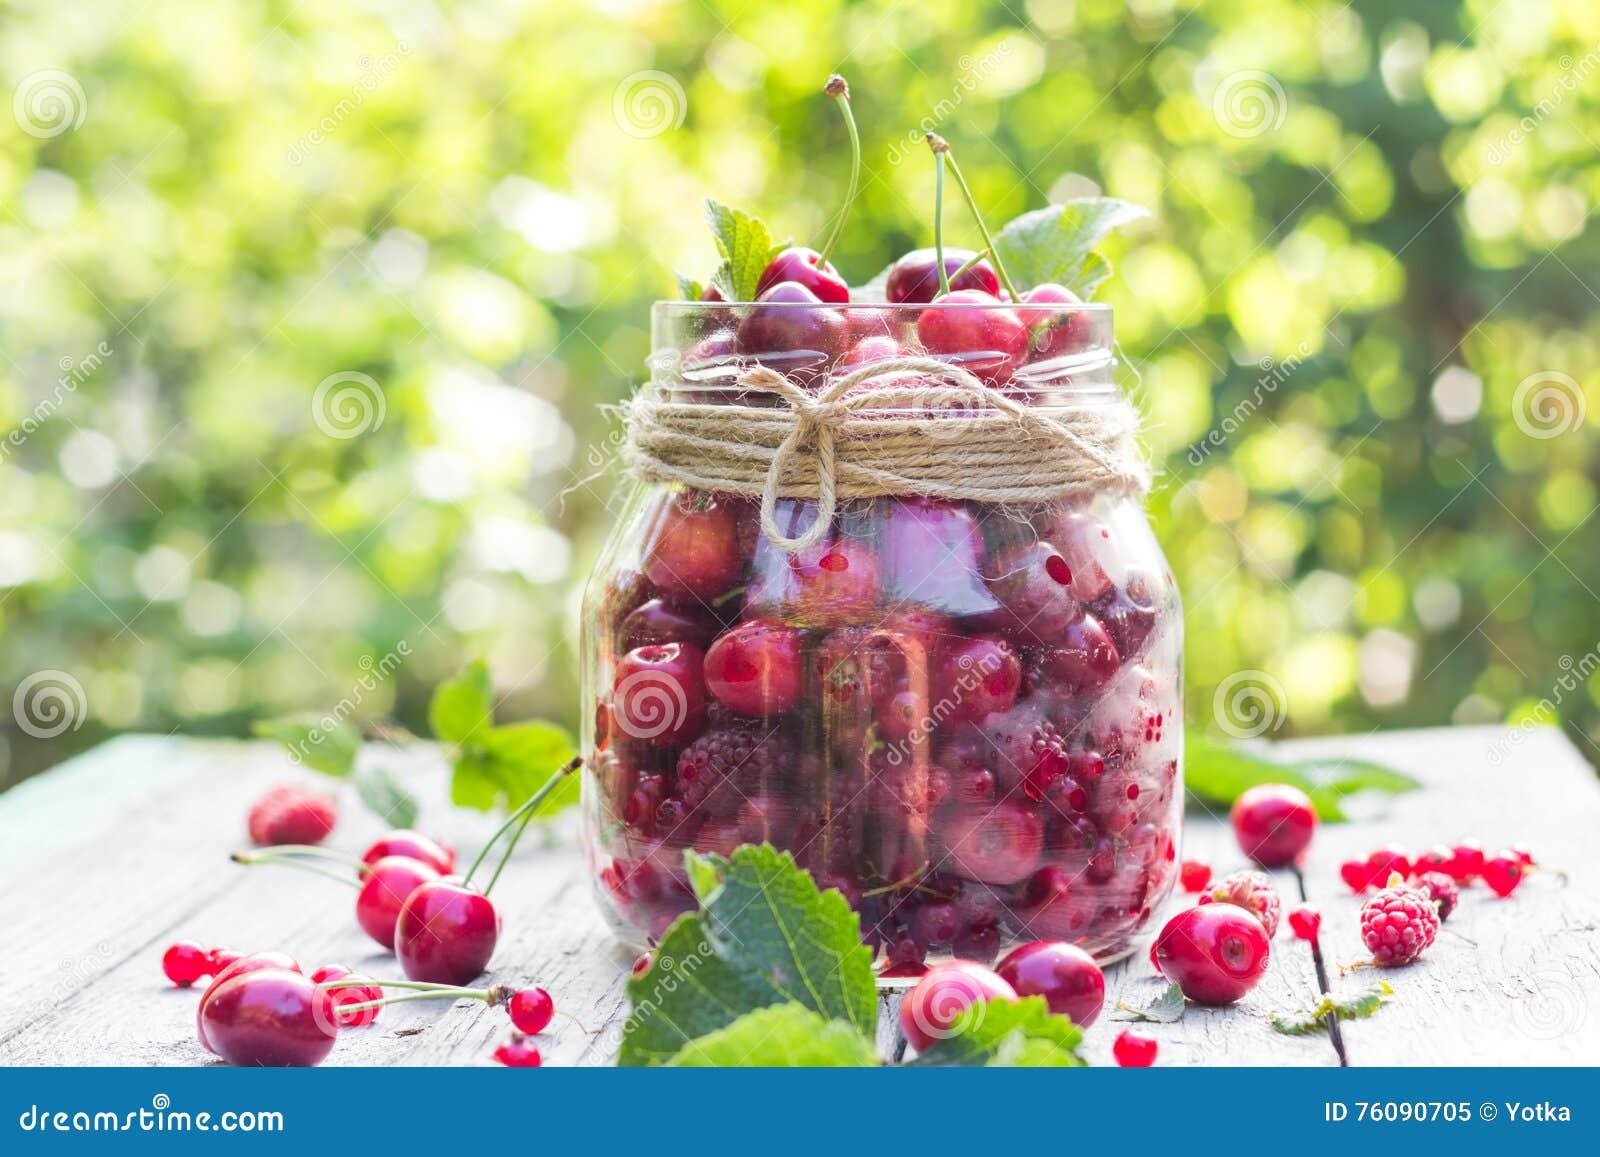 Le pot en verre porte des fruits des cerises et des framboises